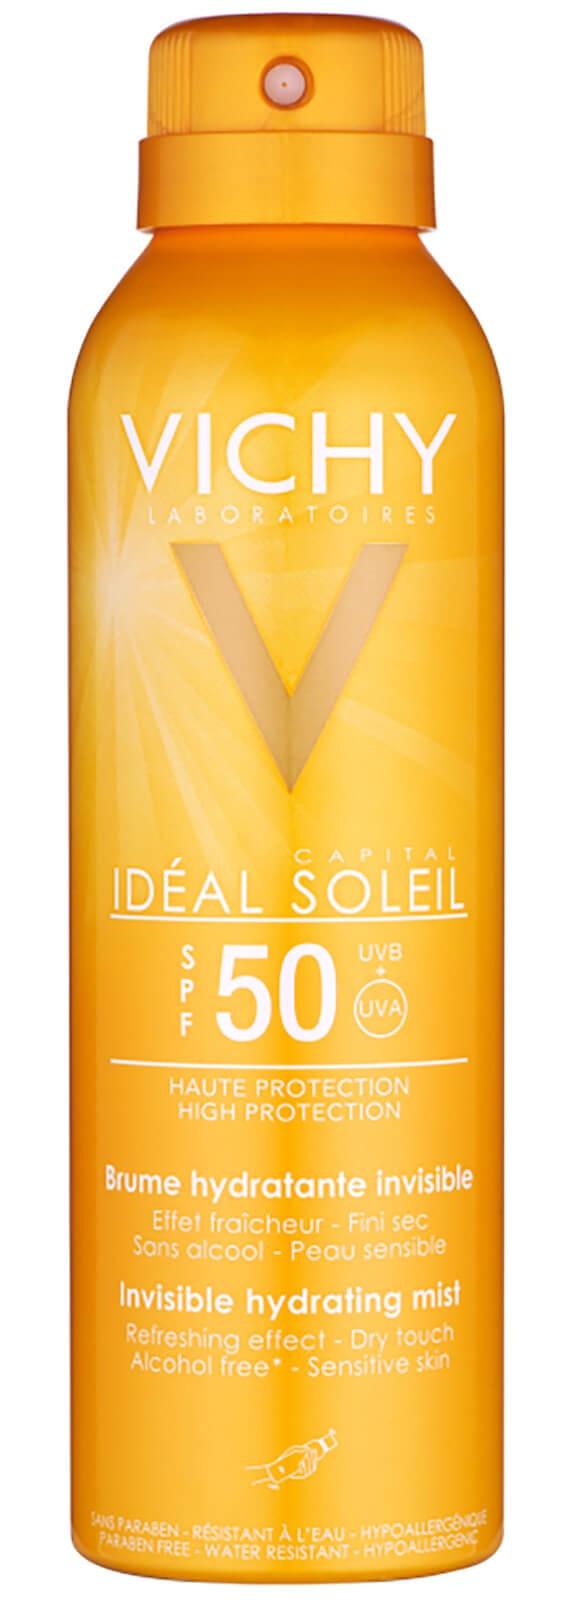 Vischy Ideal Soleil Spf 50 Spray